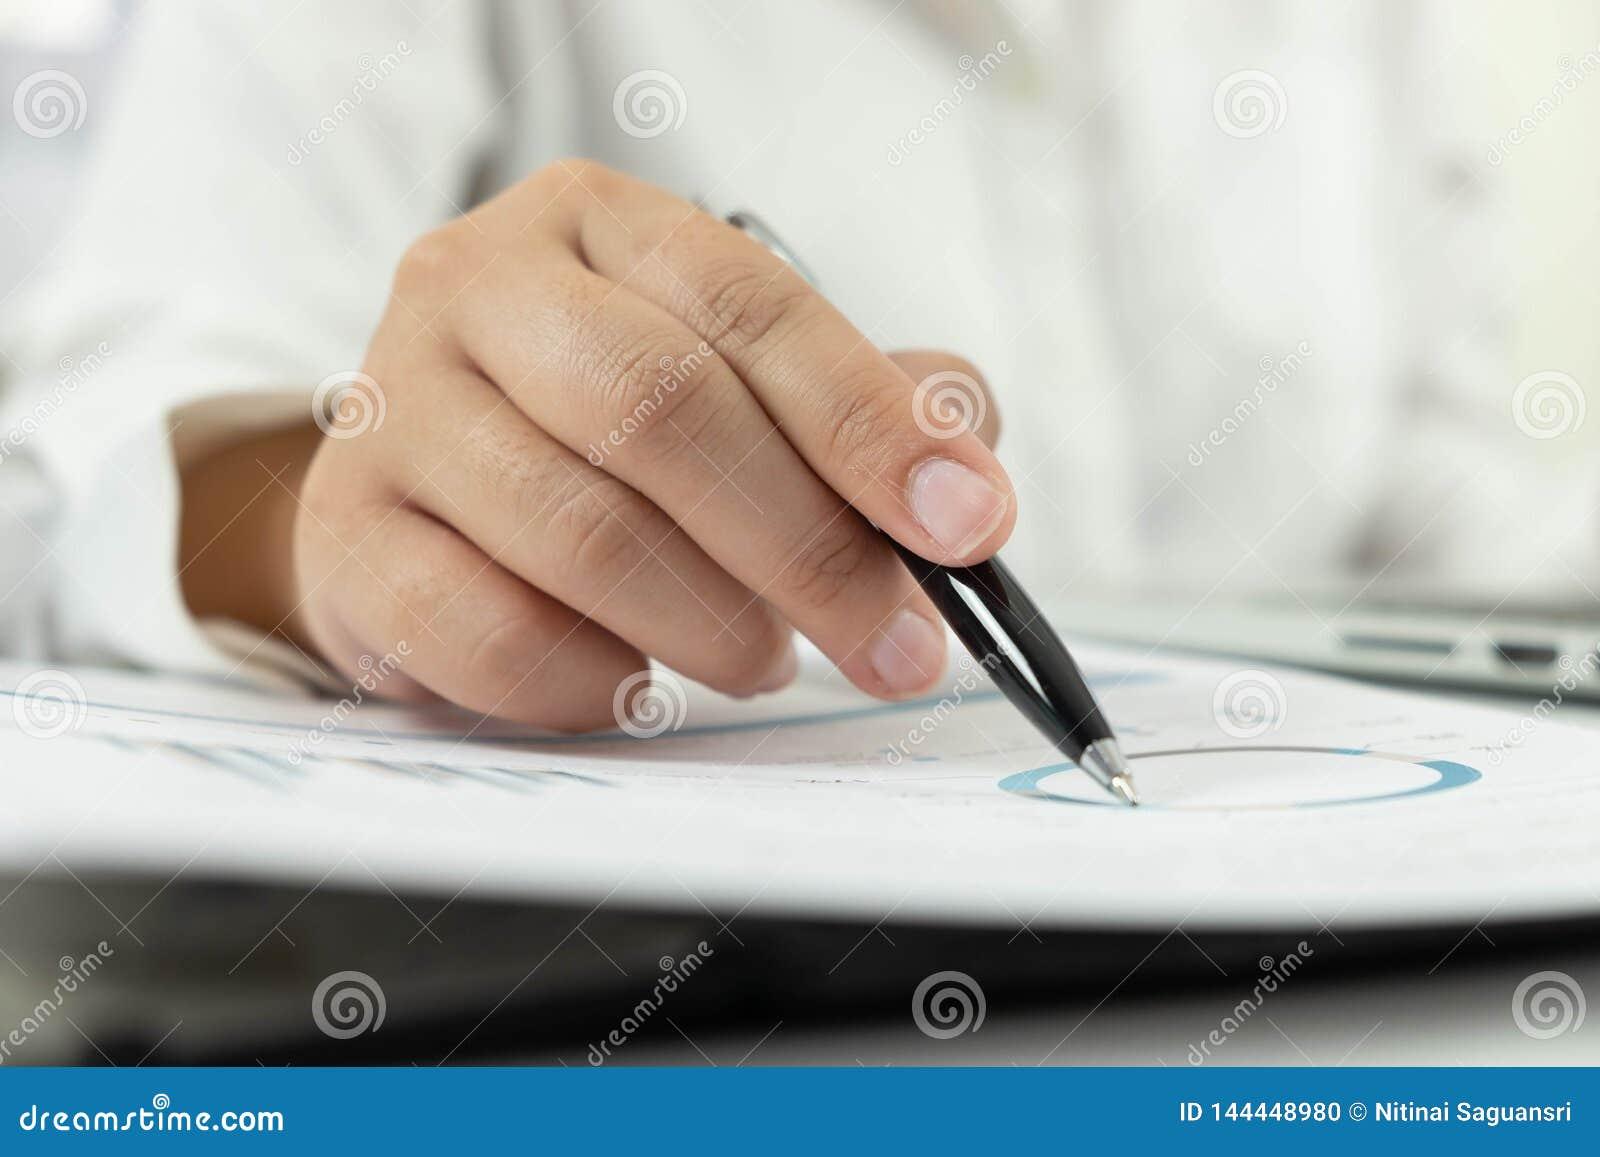 Affärsredovisning redovisa och revidera undervisning Konsulterande arbete